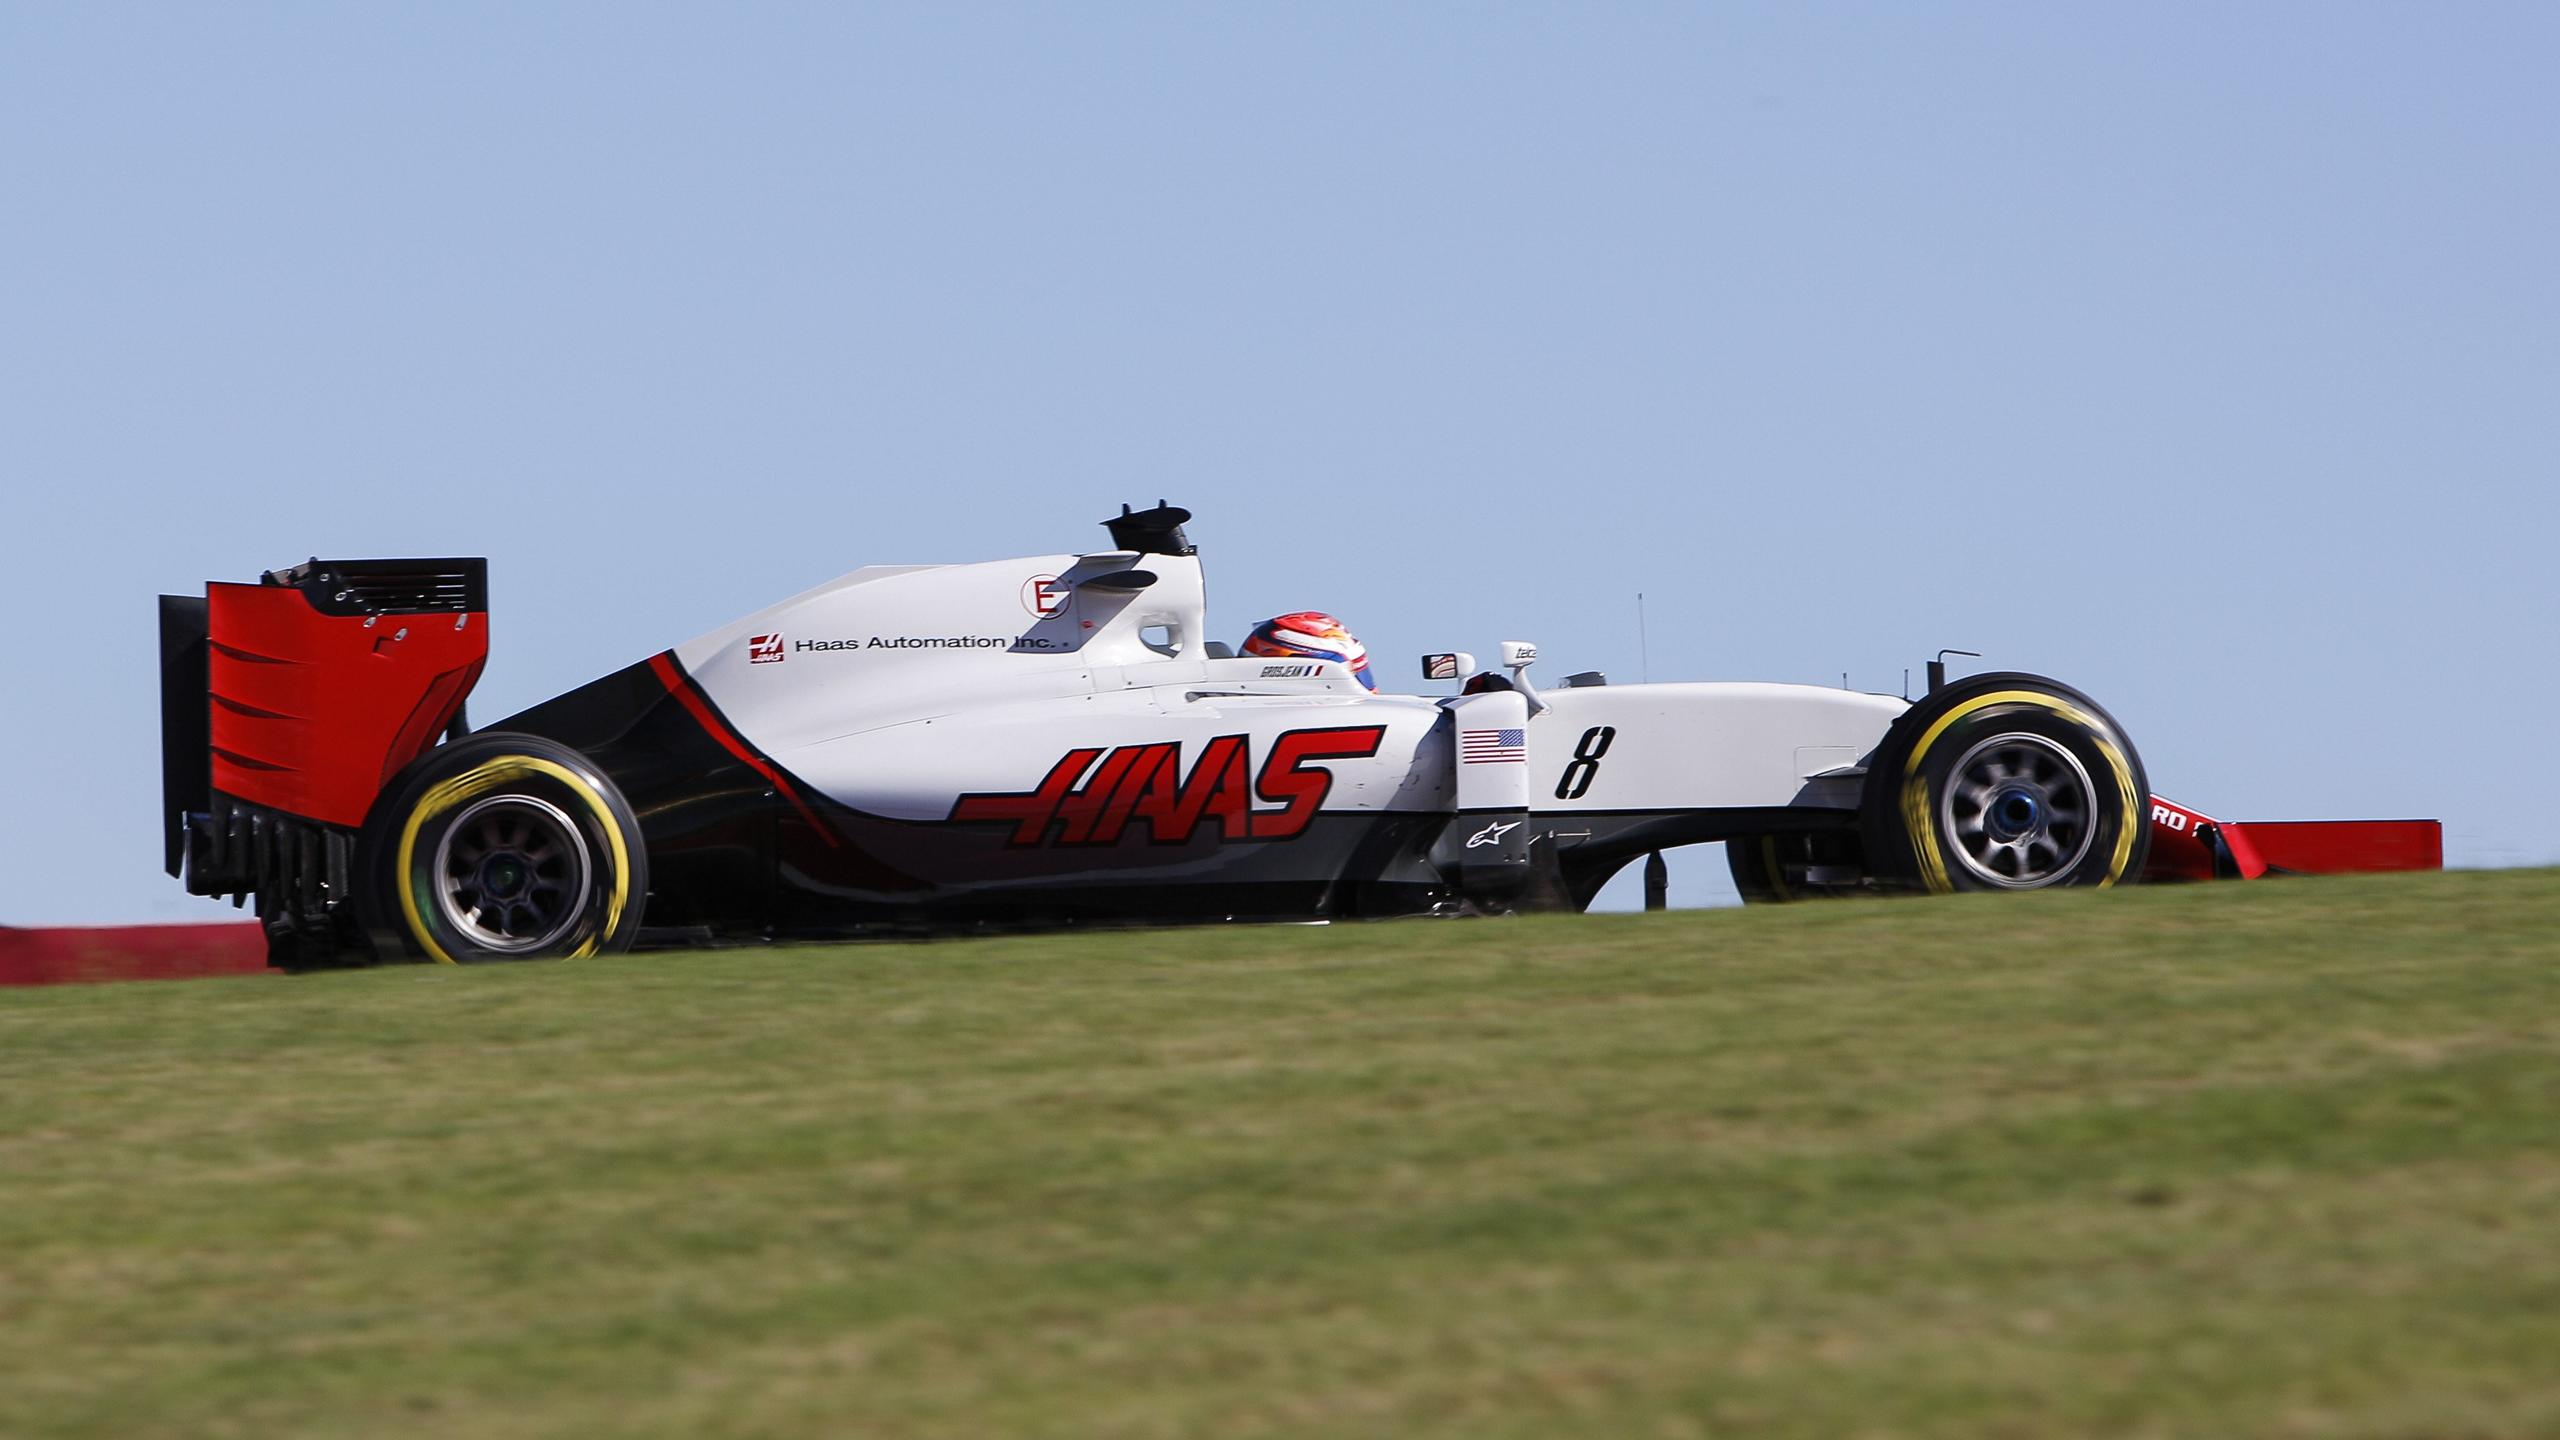 Romain Grosjean (Haas) au Grand Prix des Etats-Unis d'Amérique 2016